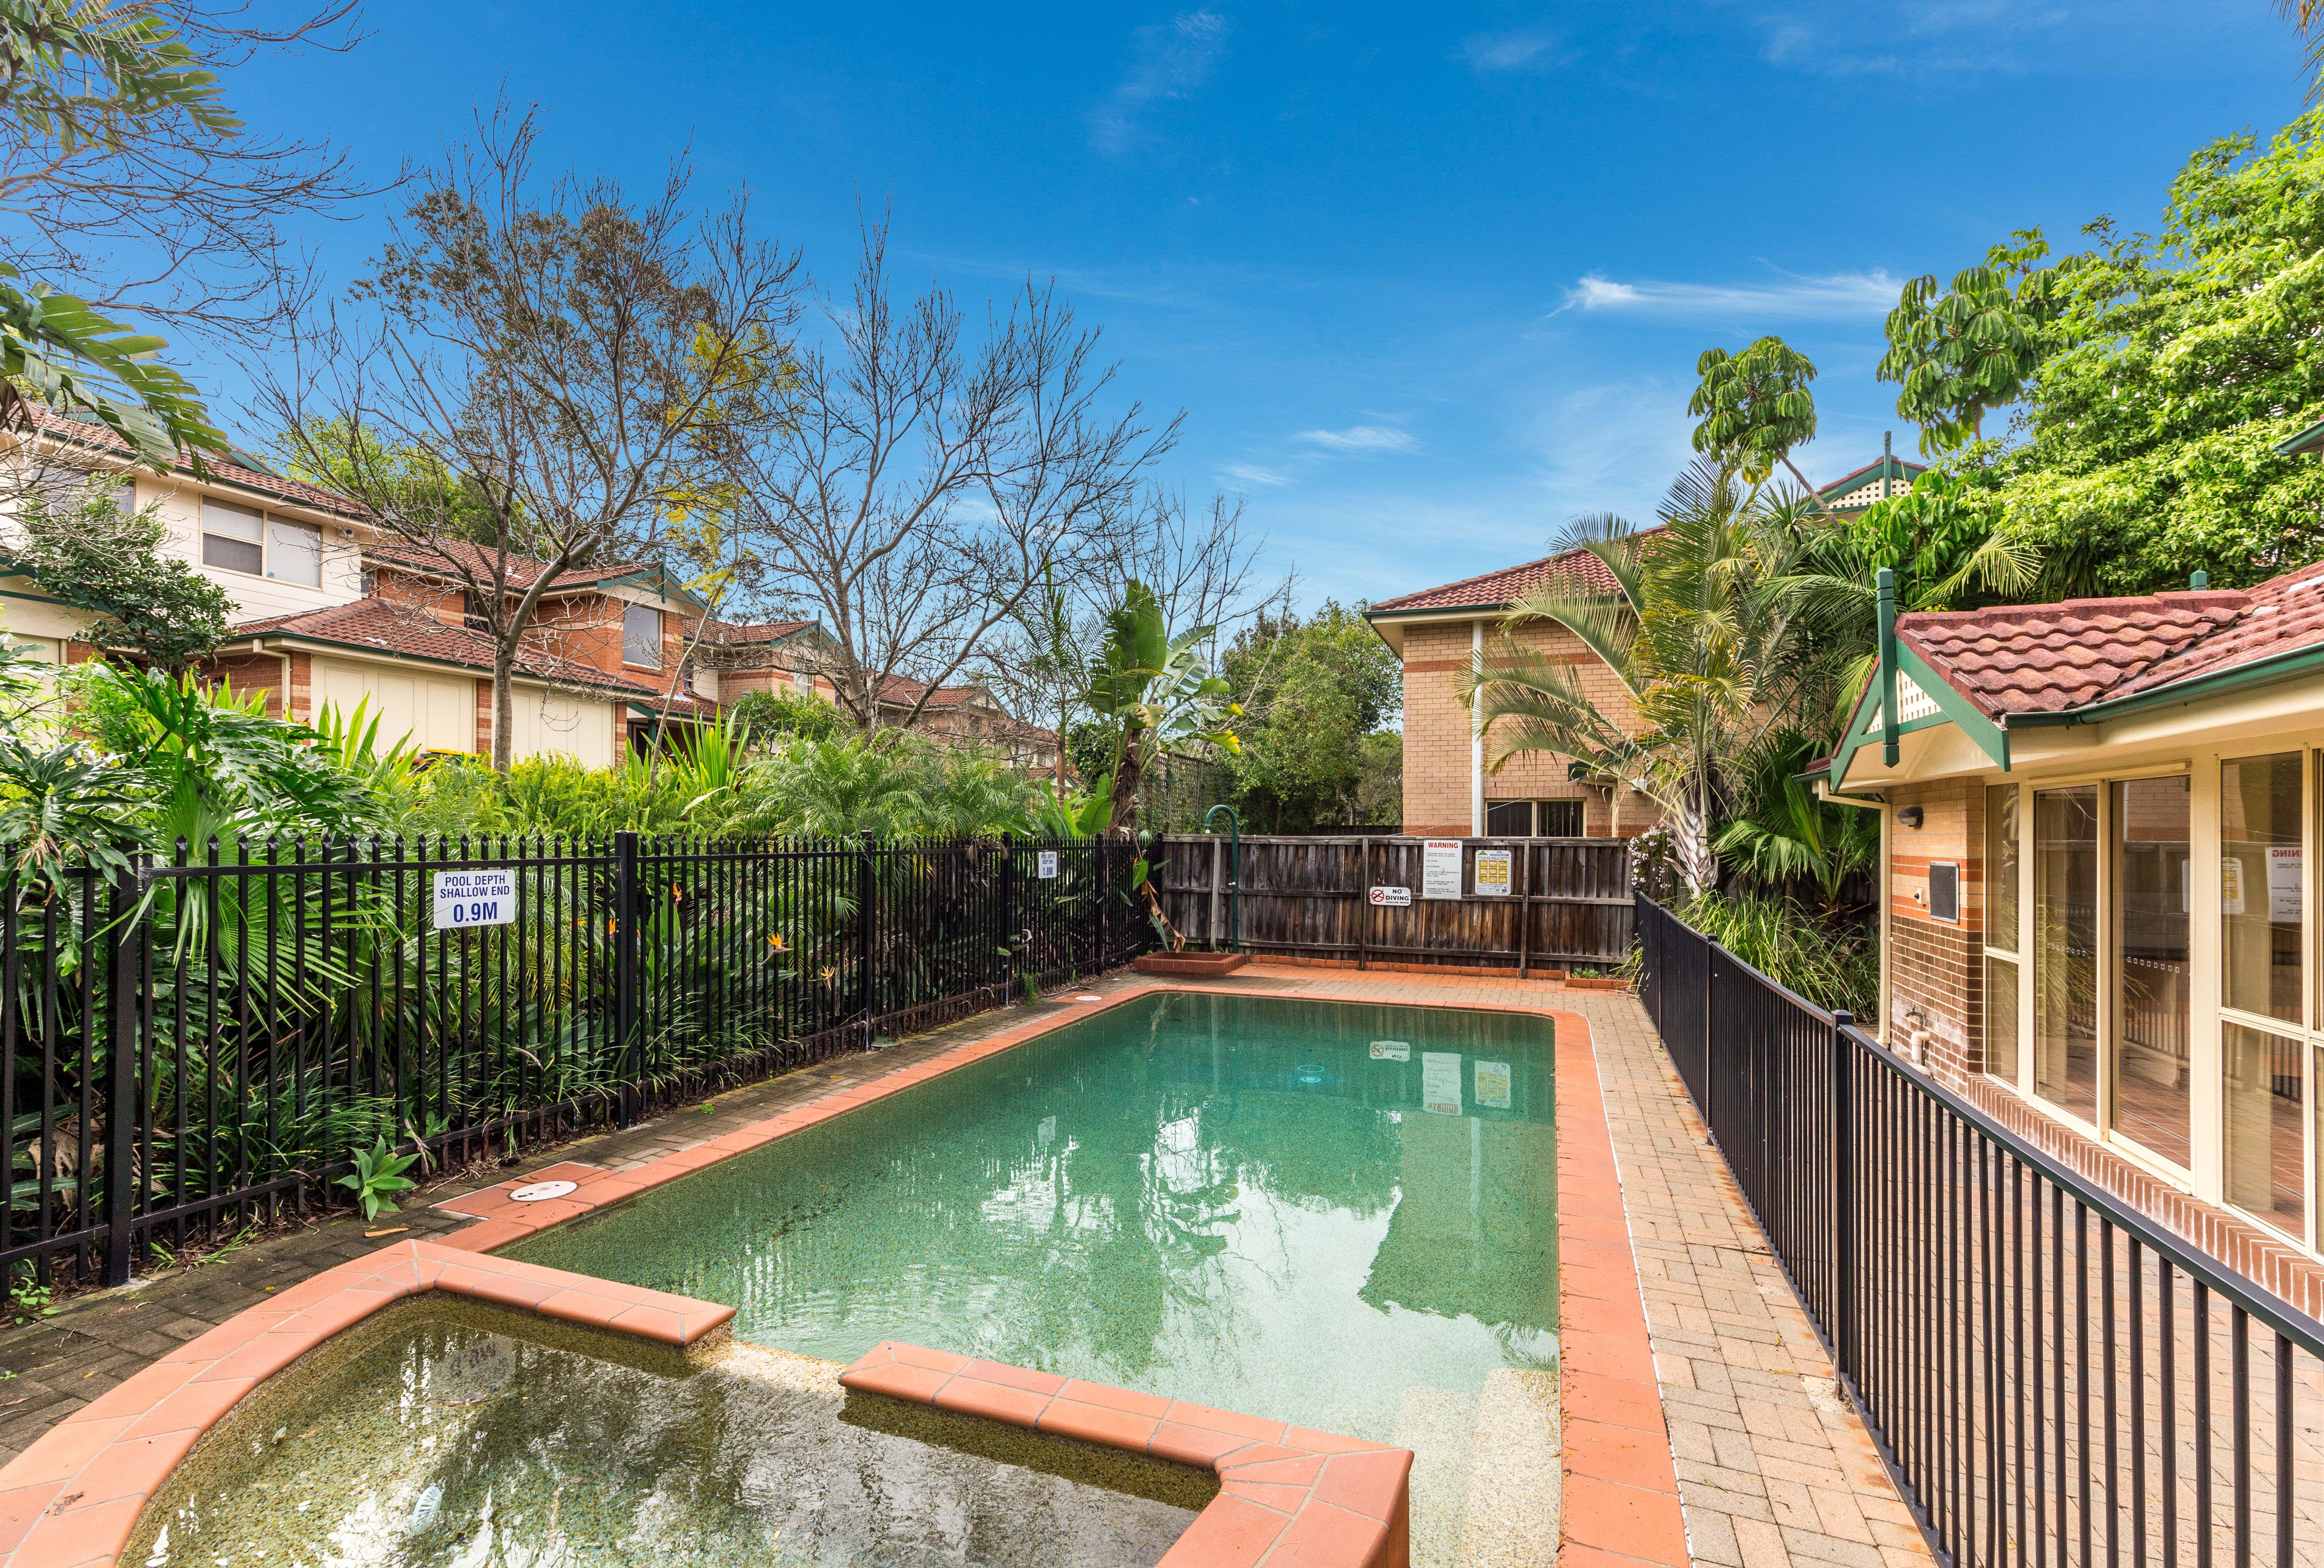 32/1 Bennett Avenue, Strathfield South NSW 2136